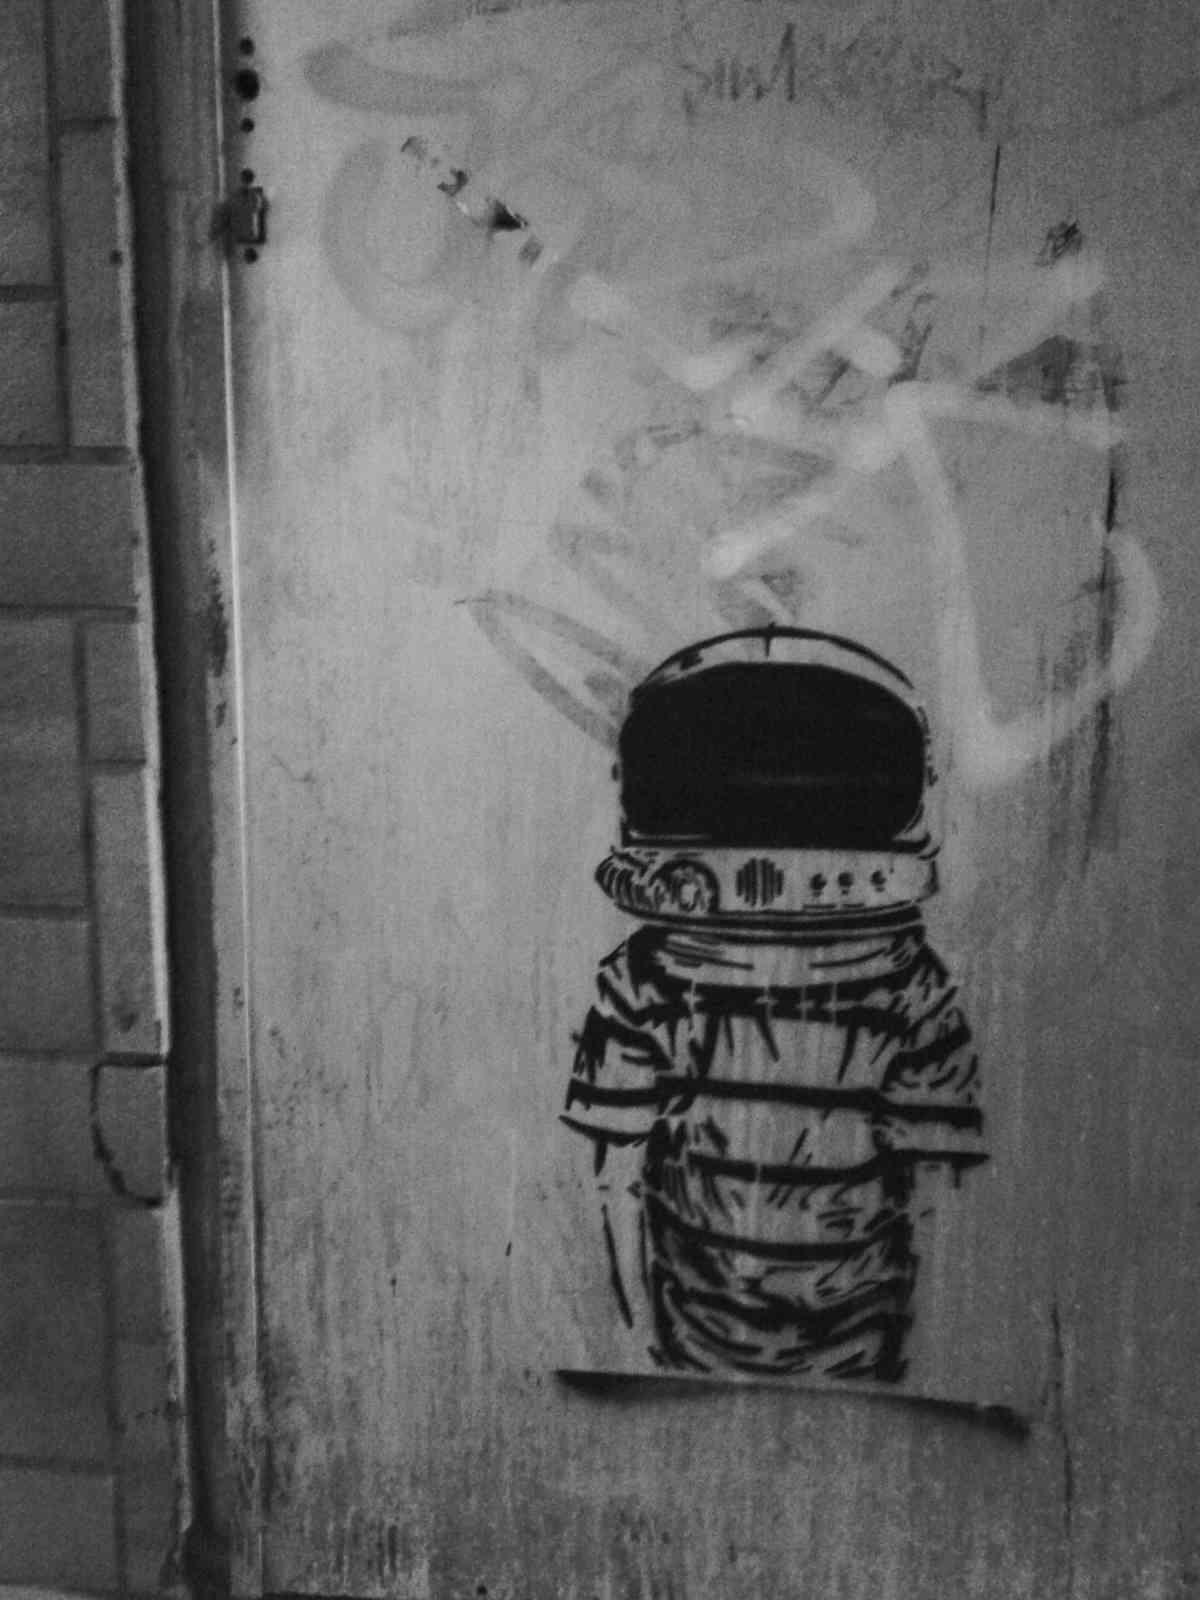 Im Untergrund - Ein Astronaut im Untergrund